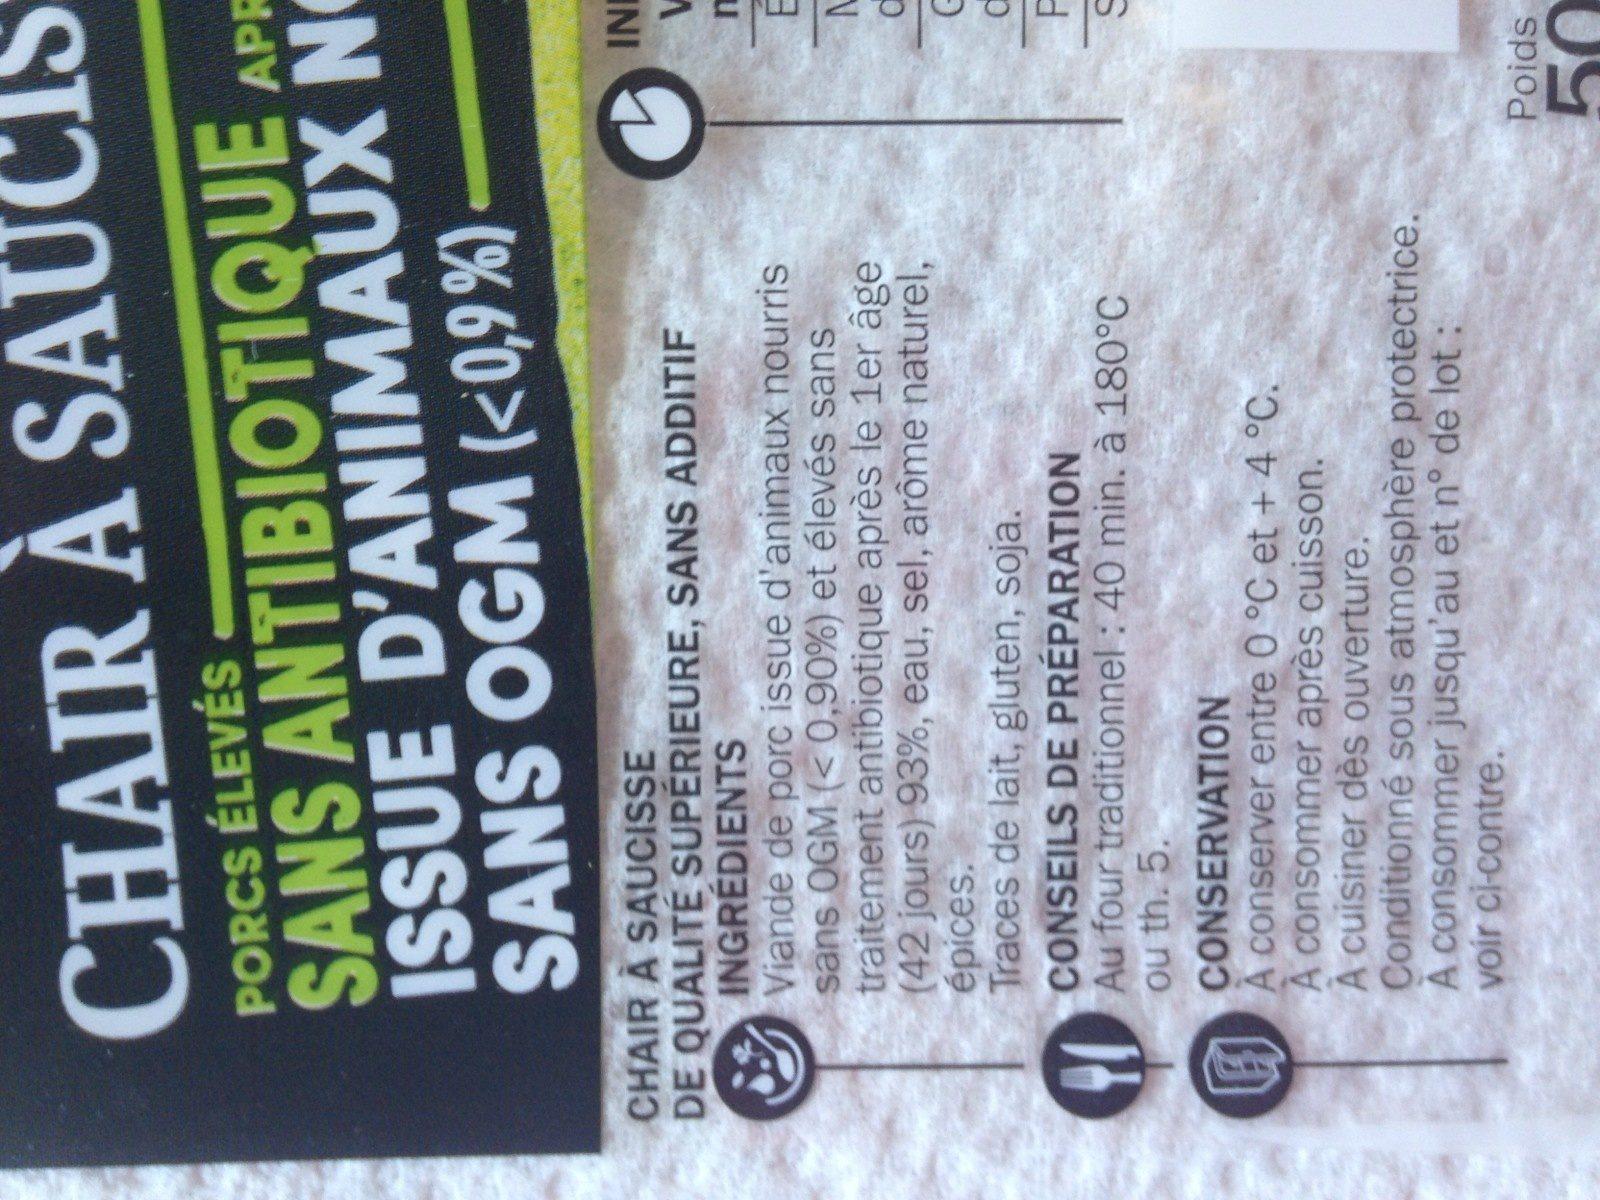 Chair à saucisses sans antibiotiques et sans OGM - Ingrédients